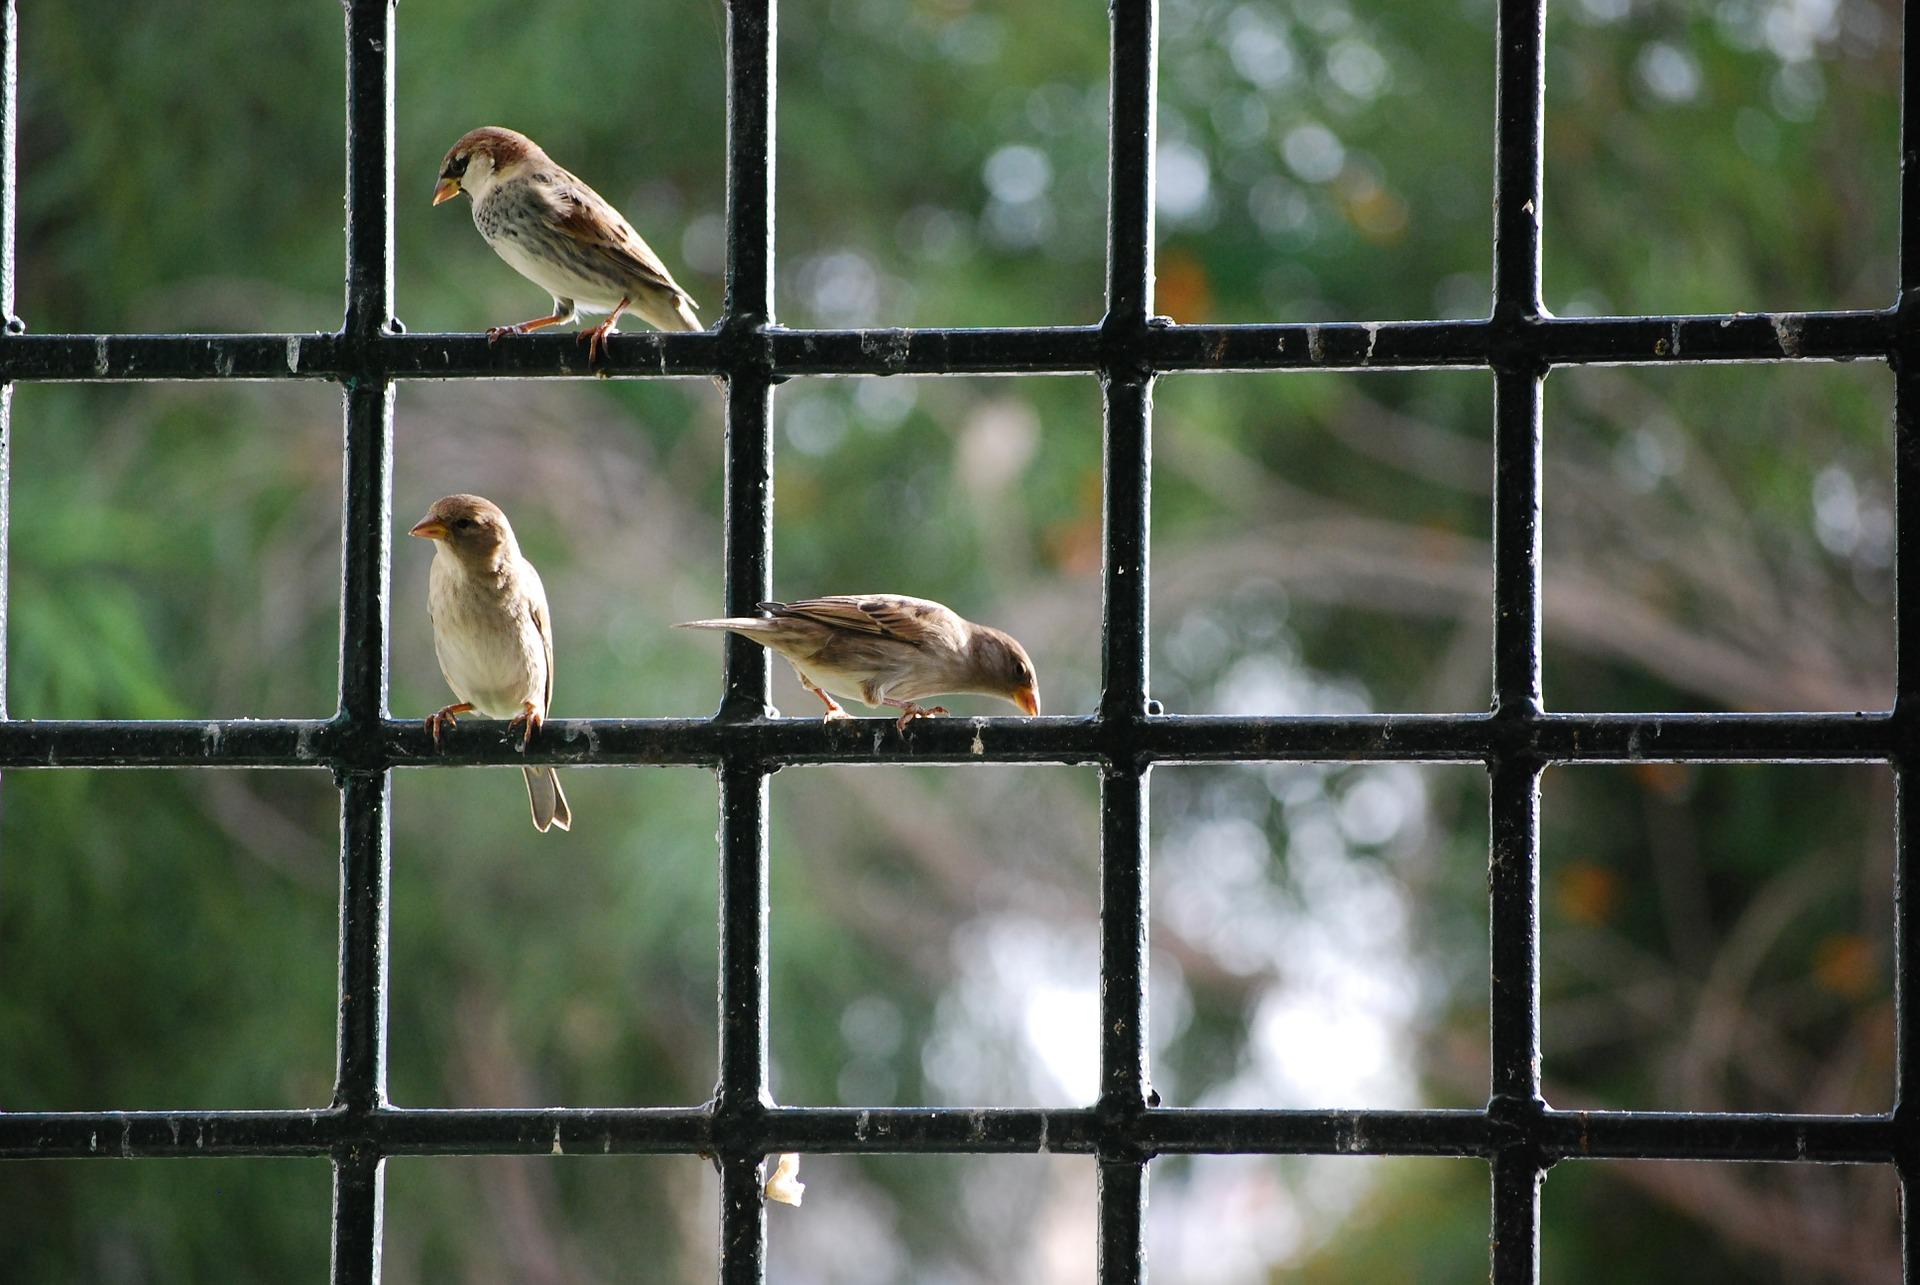 sparrow-806176_1920.jpg